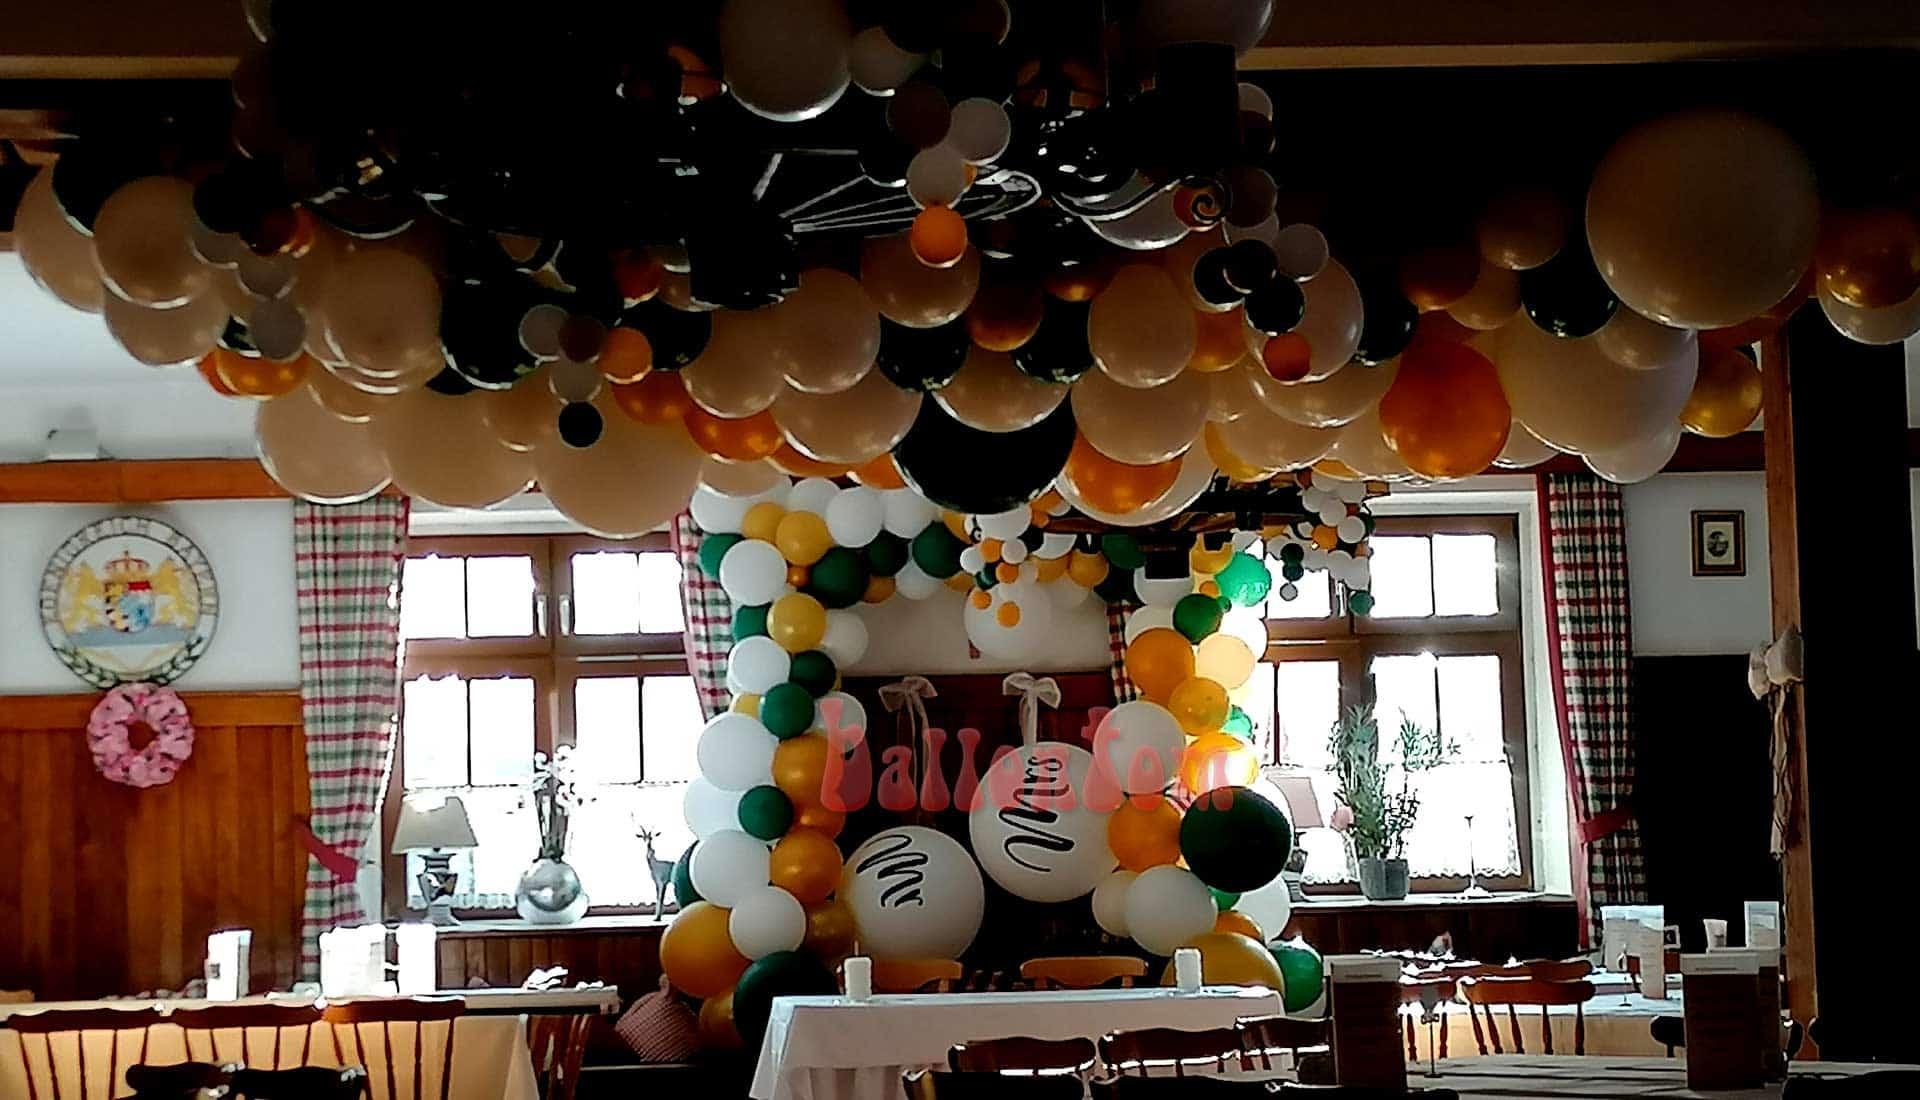 Hochzeitsdekoration mit Luftballons im organischen Stil